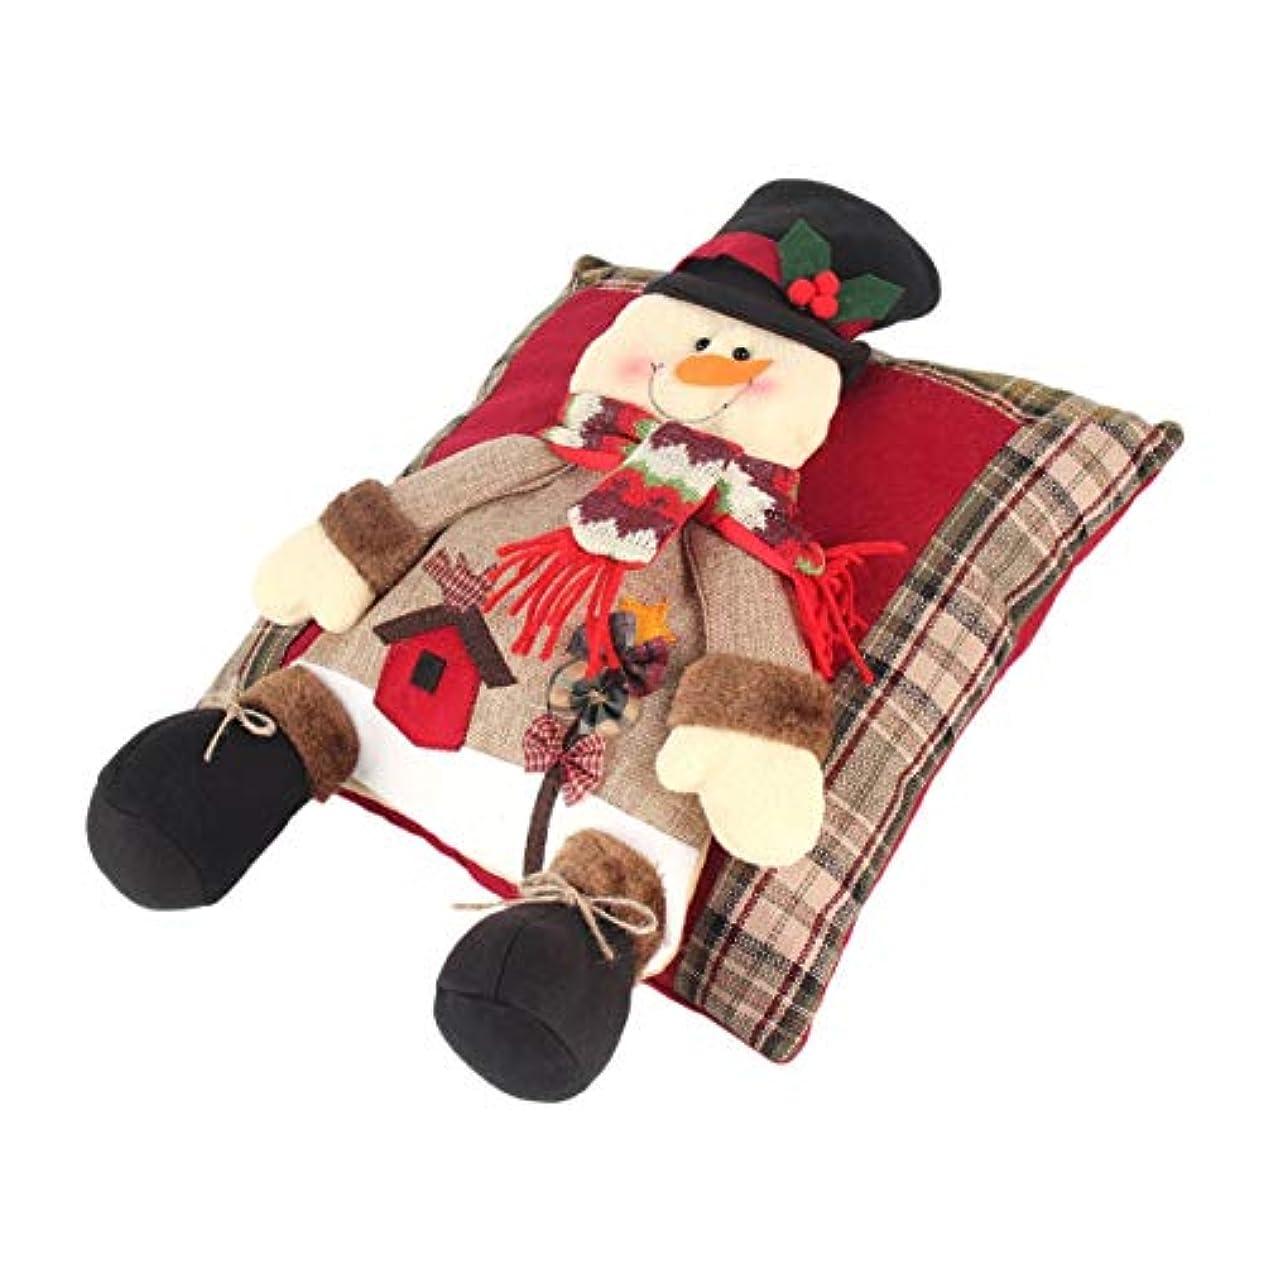 著者ファックス部分的Saikogoods 快適なクリスマスリネン枕フェスティバルソフトクッションホームベッドルームリビングルームのソファの装飾パーフェクトなギフト 多色